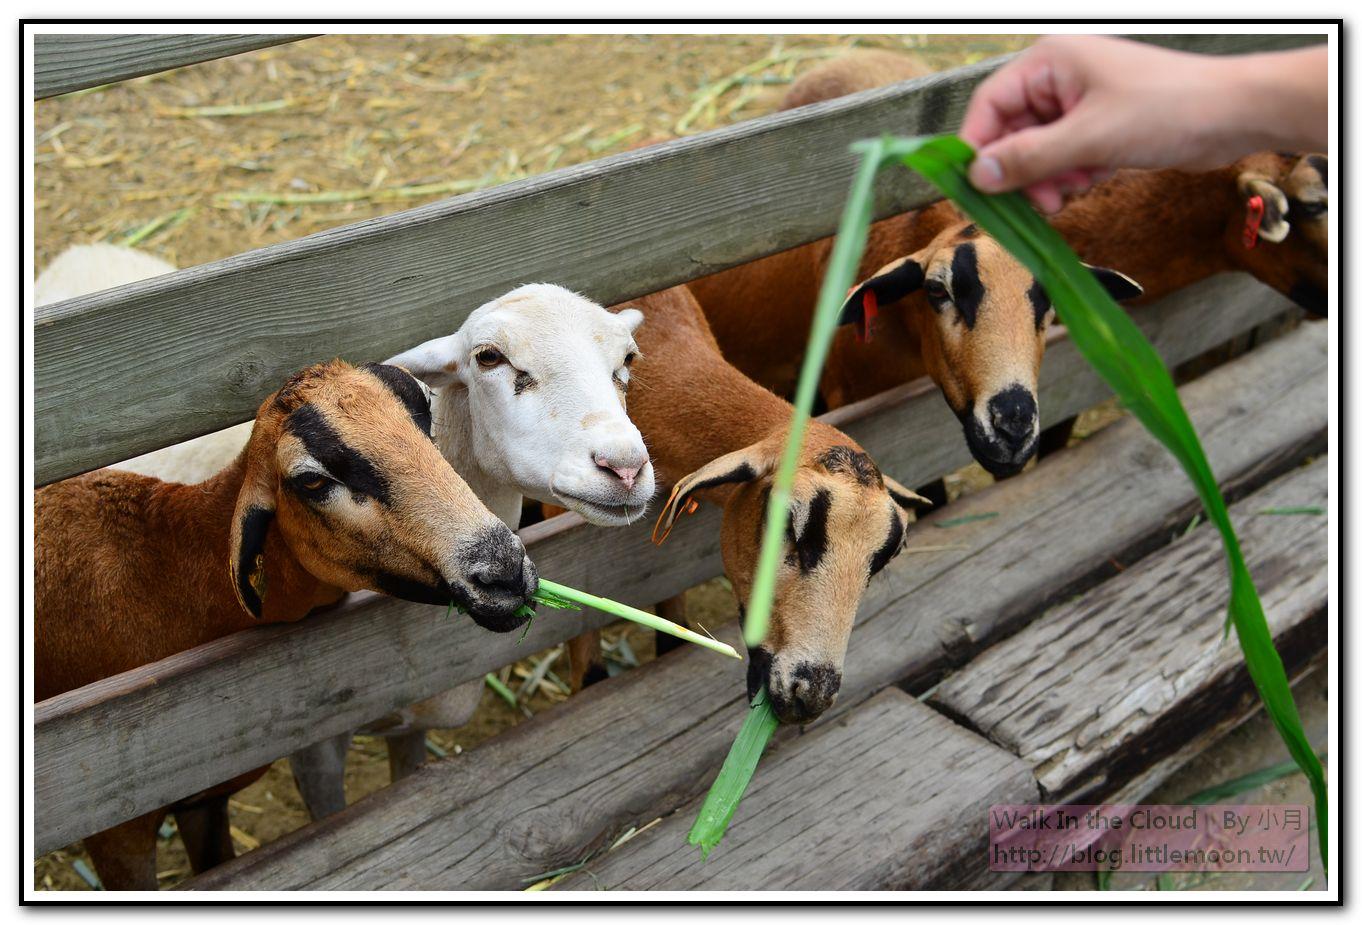 巴貝多黑肚綿羊生態區之爭先恐後的綿羊群